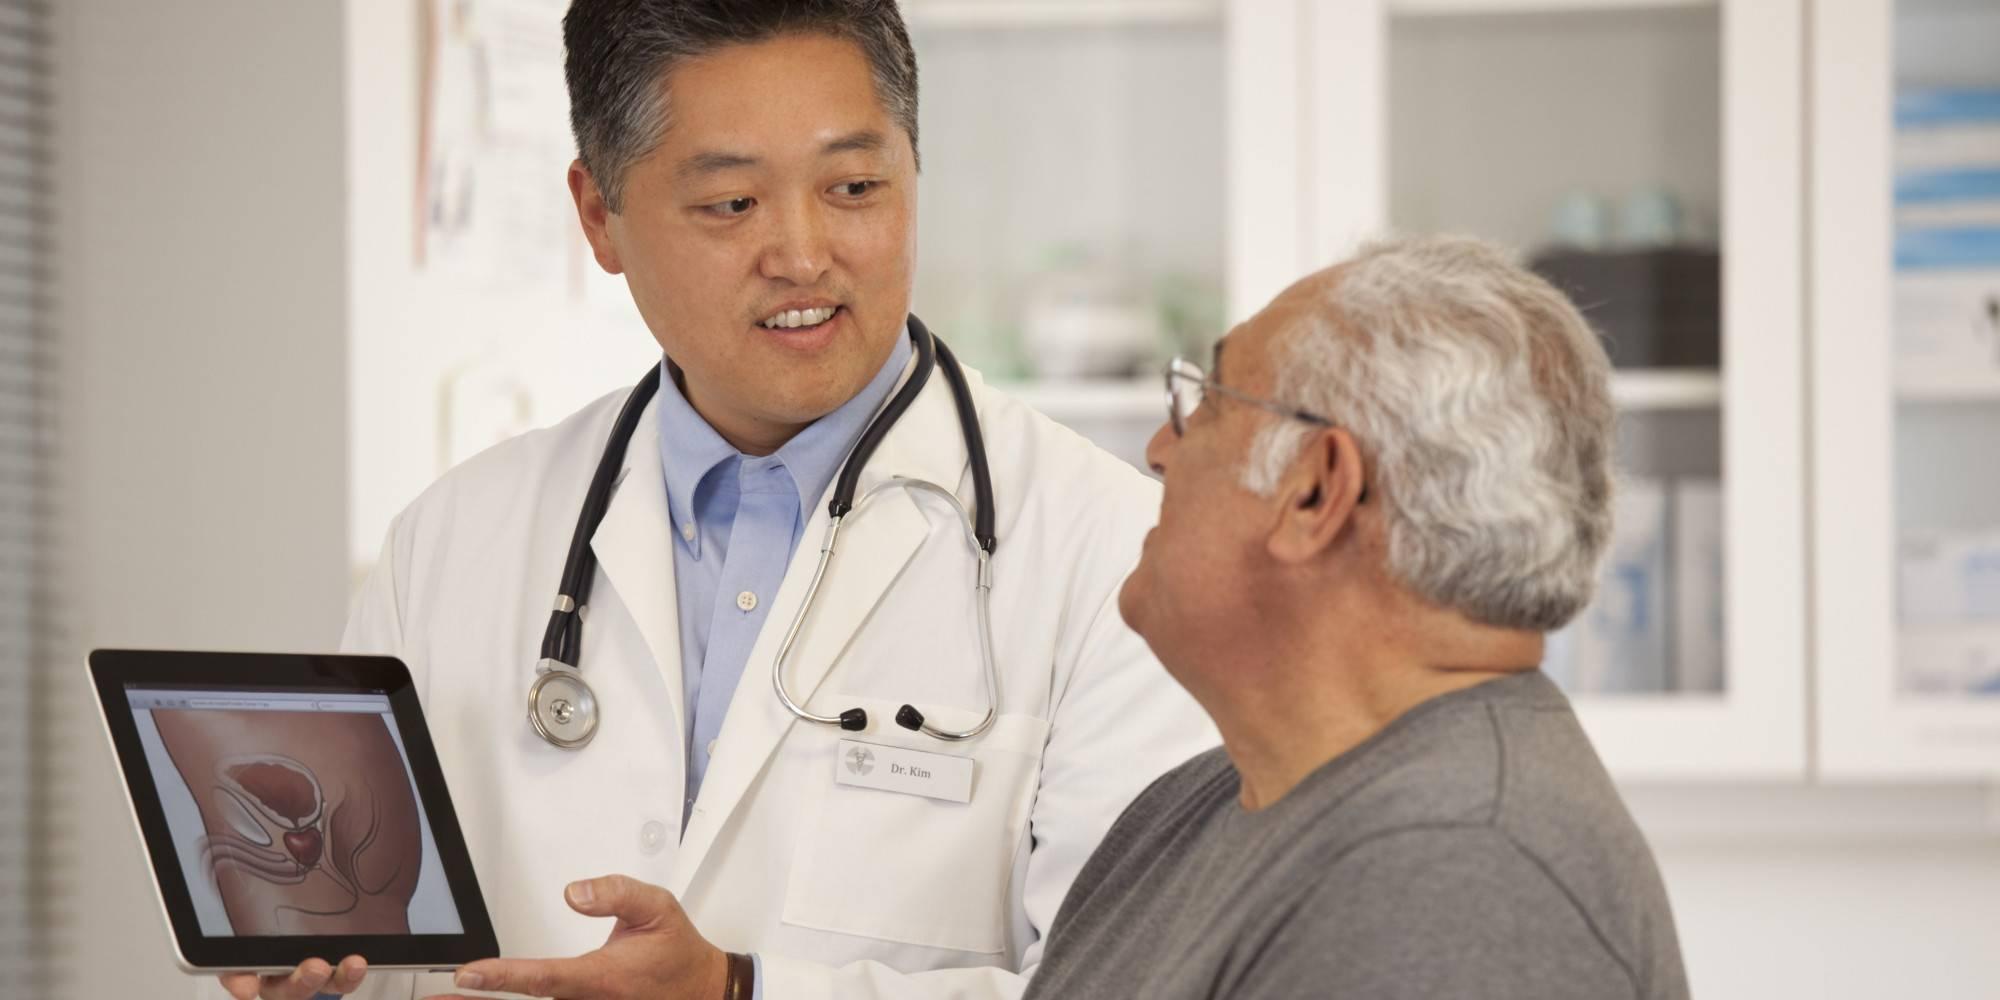 простатит кто лечит врач